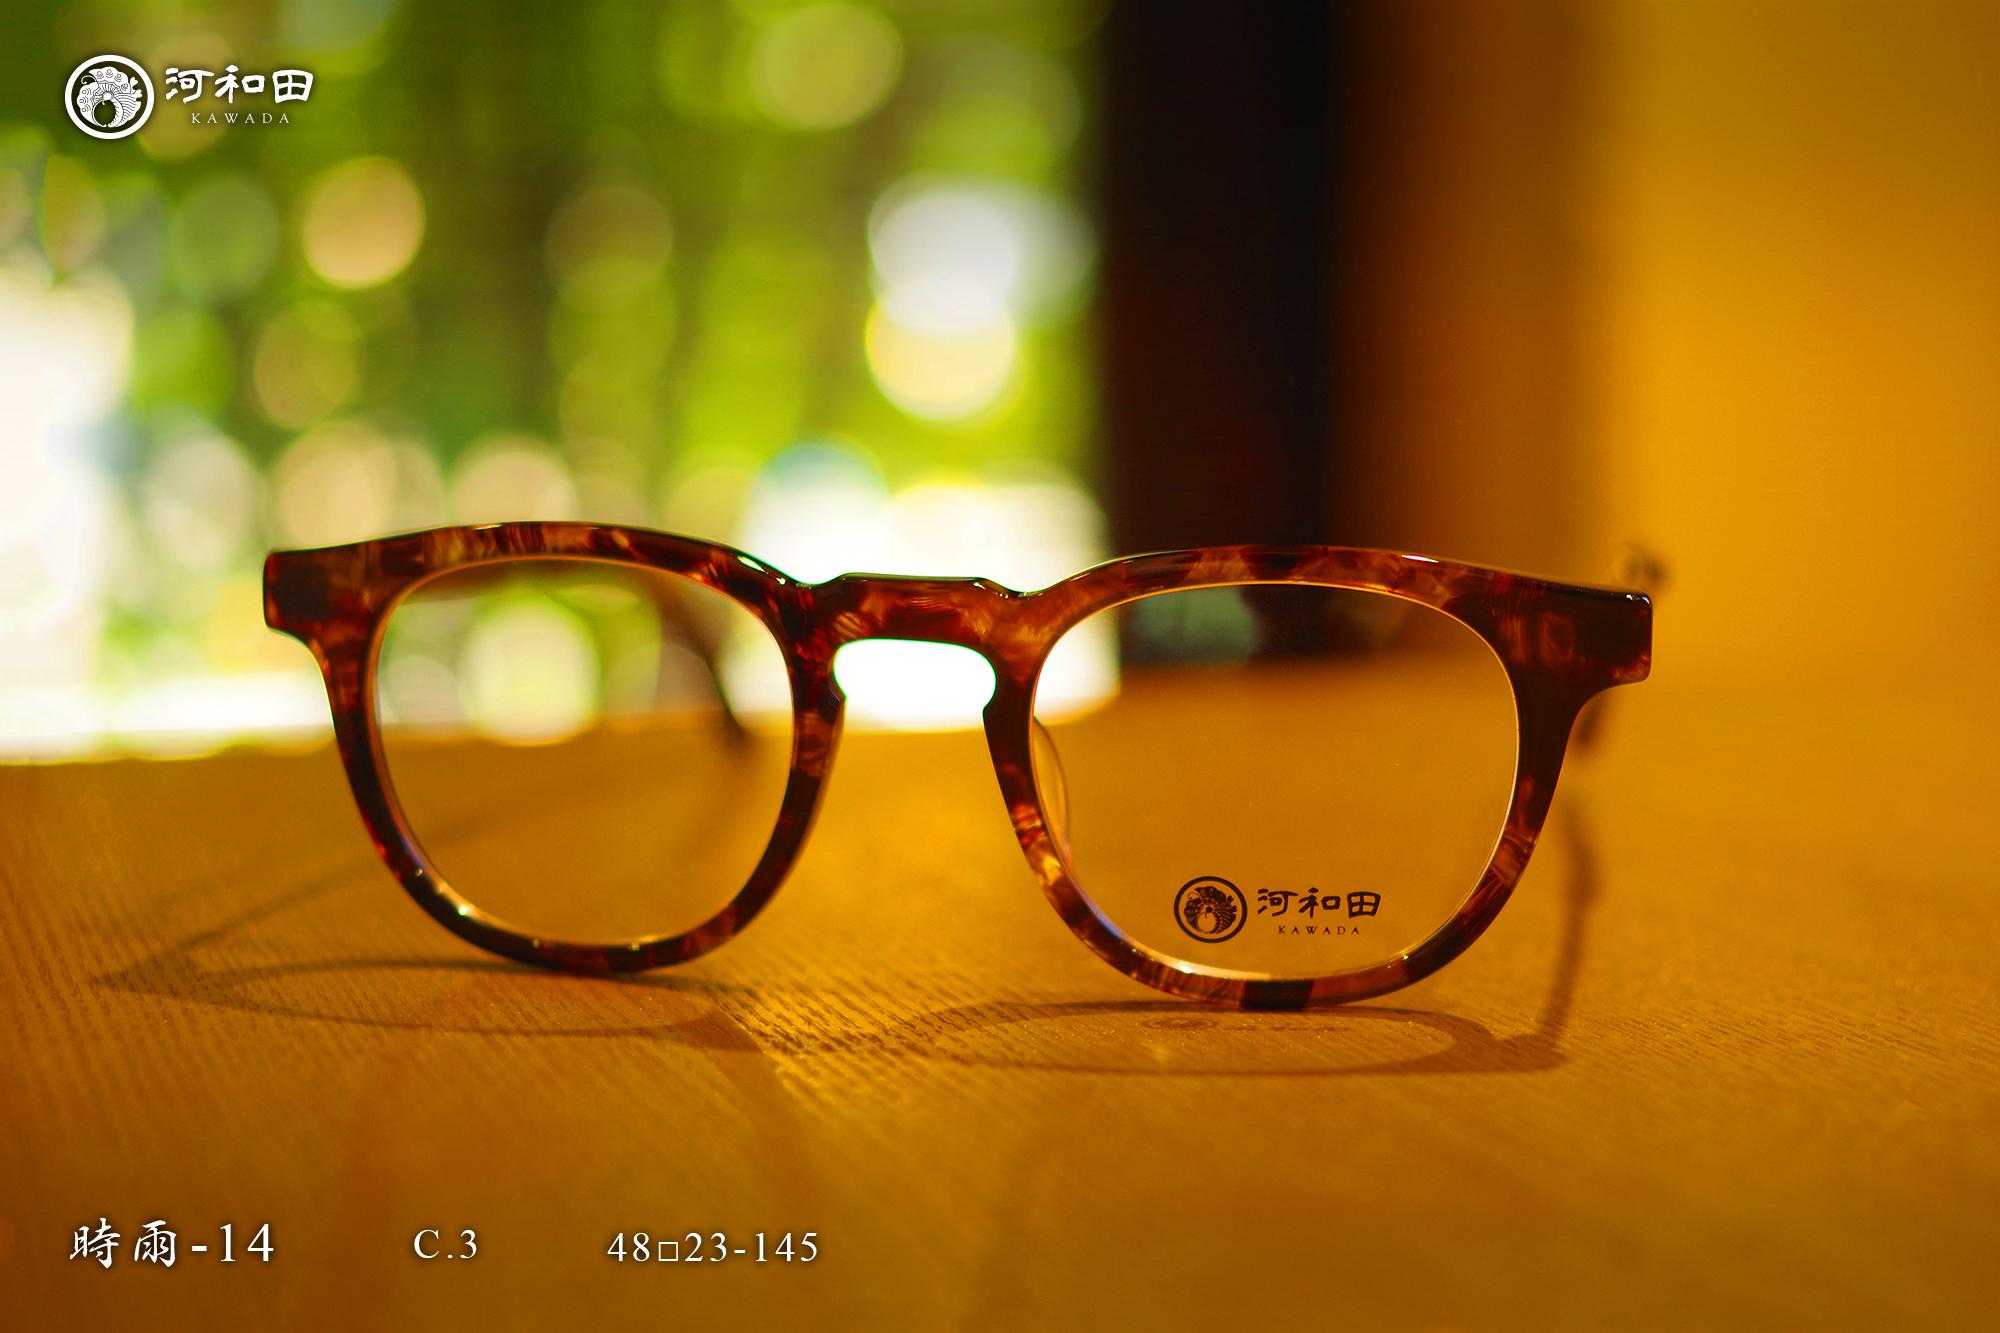 shigure-14_c3.jpg